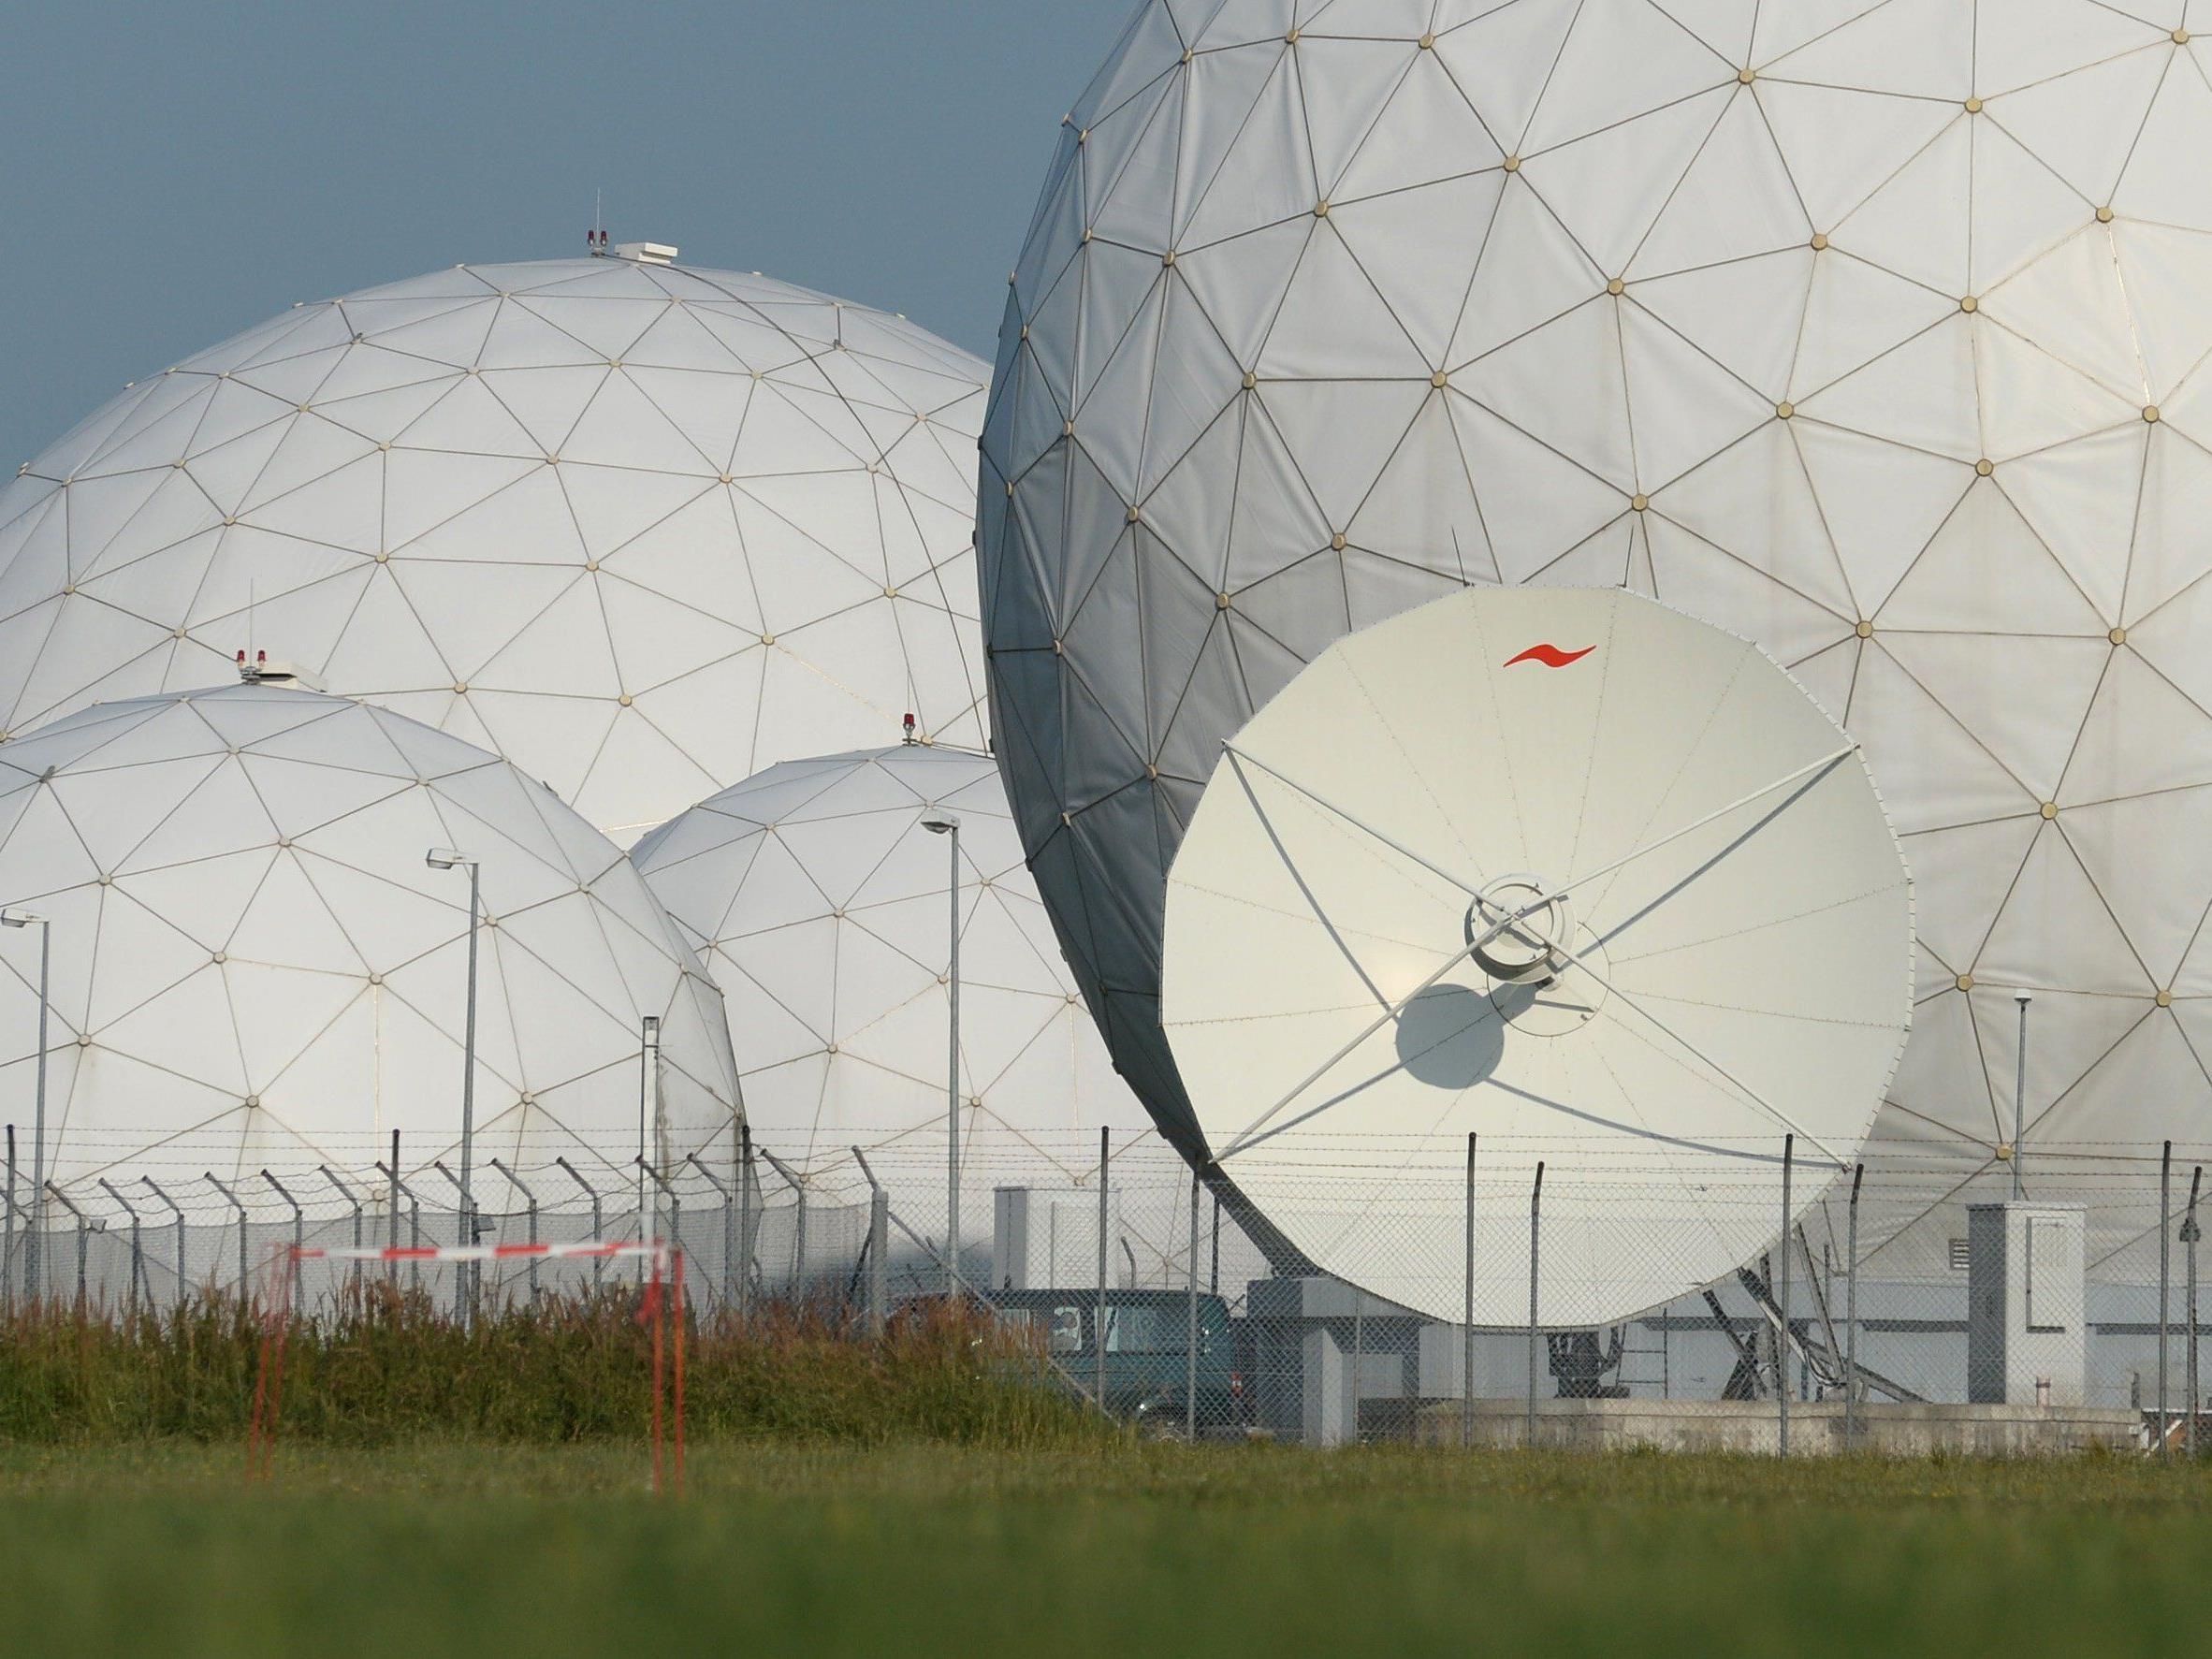 Radarkuppeln (Radome) auf dem Gelände der Abhörstation des Bundesnachrichtendienstes (BND) in Bayern.